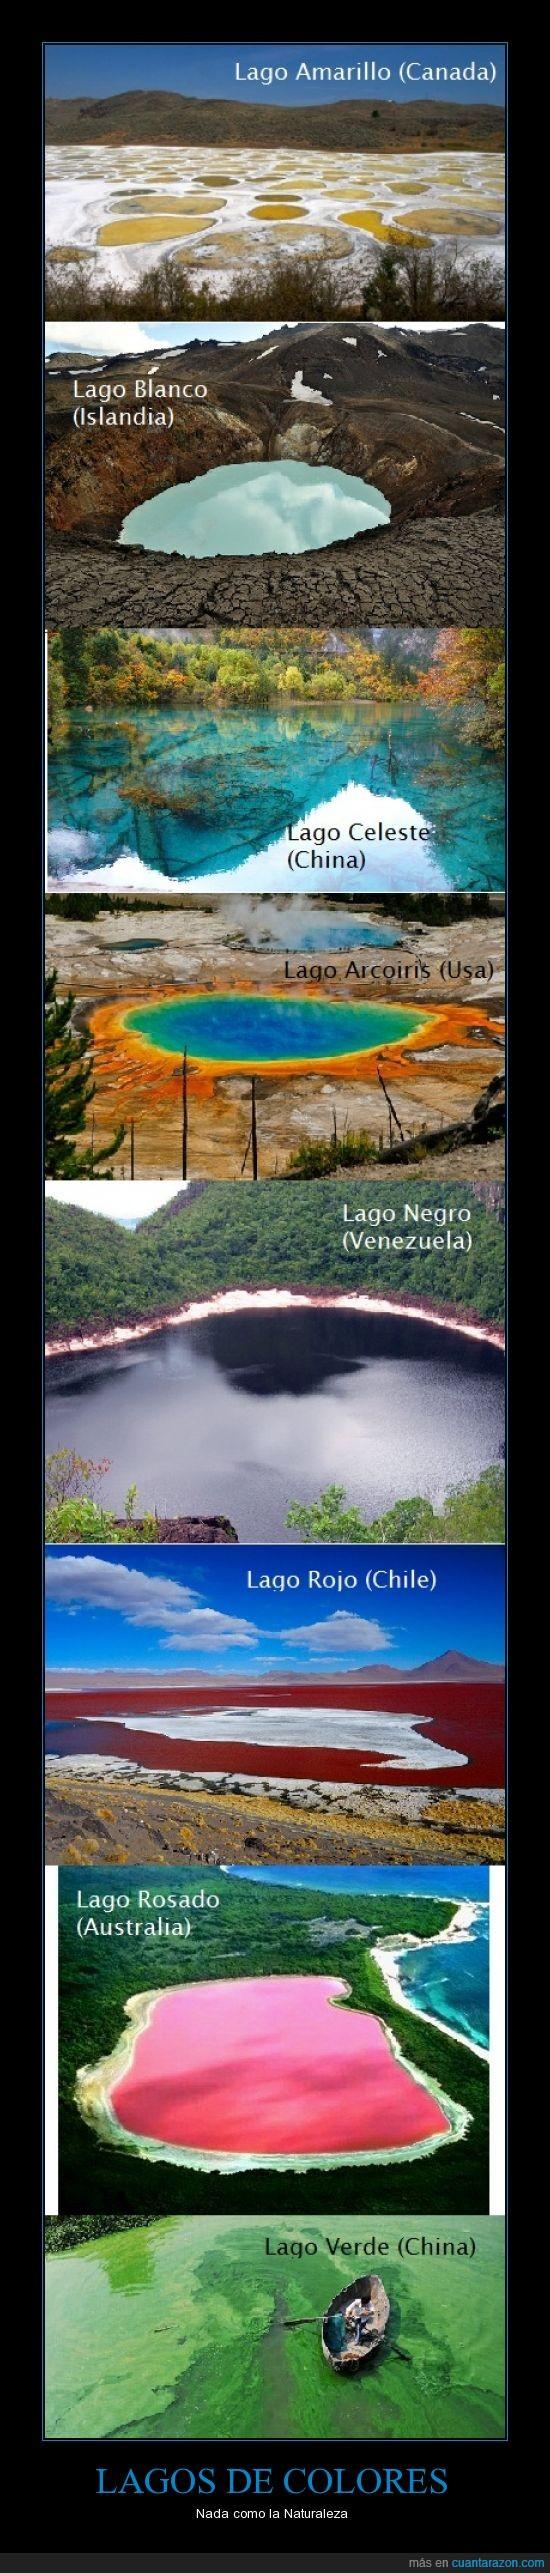 Austria,Canada,China,Lagos de colores,Naturaleza,Usa